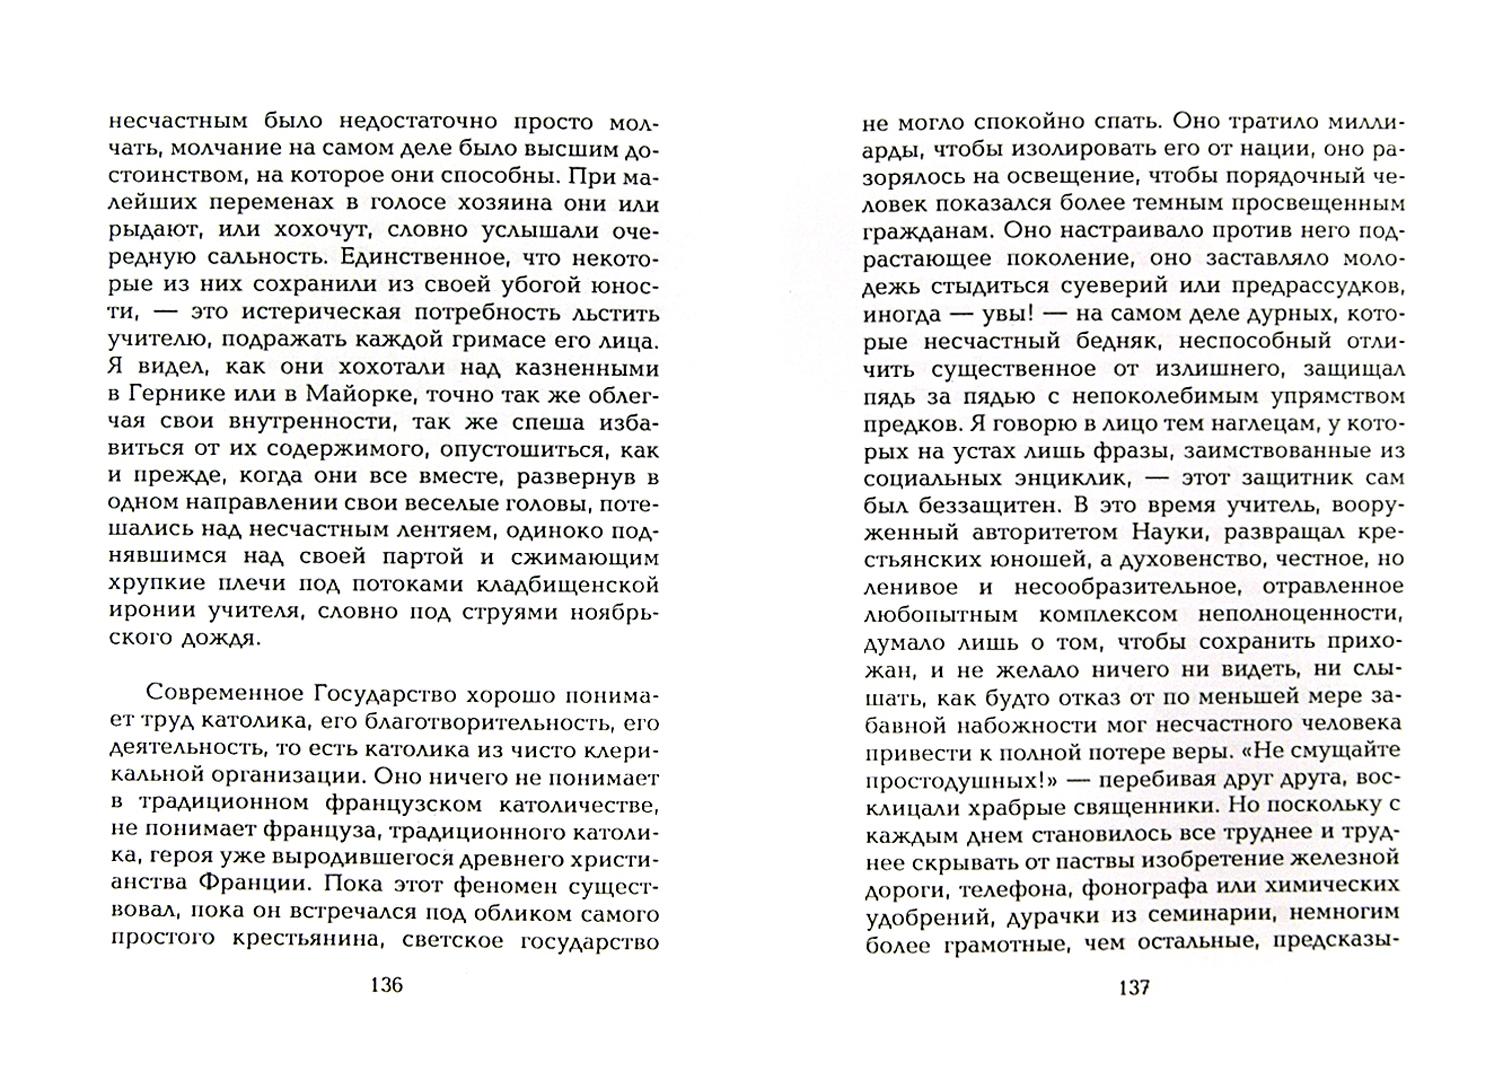 Иллюстрация 1 из 25 для Униженные дети. Дневники 1939 - 1940 - Жорж Бернанос | Лабиринт - книги. Источник: Лабиринт